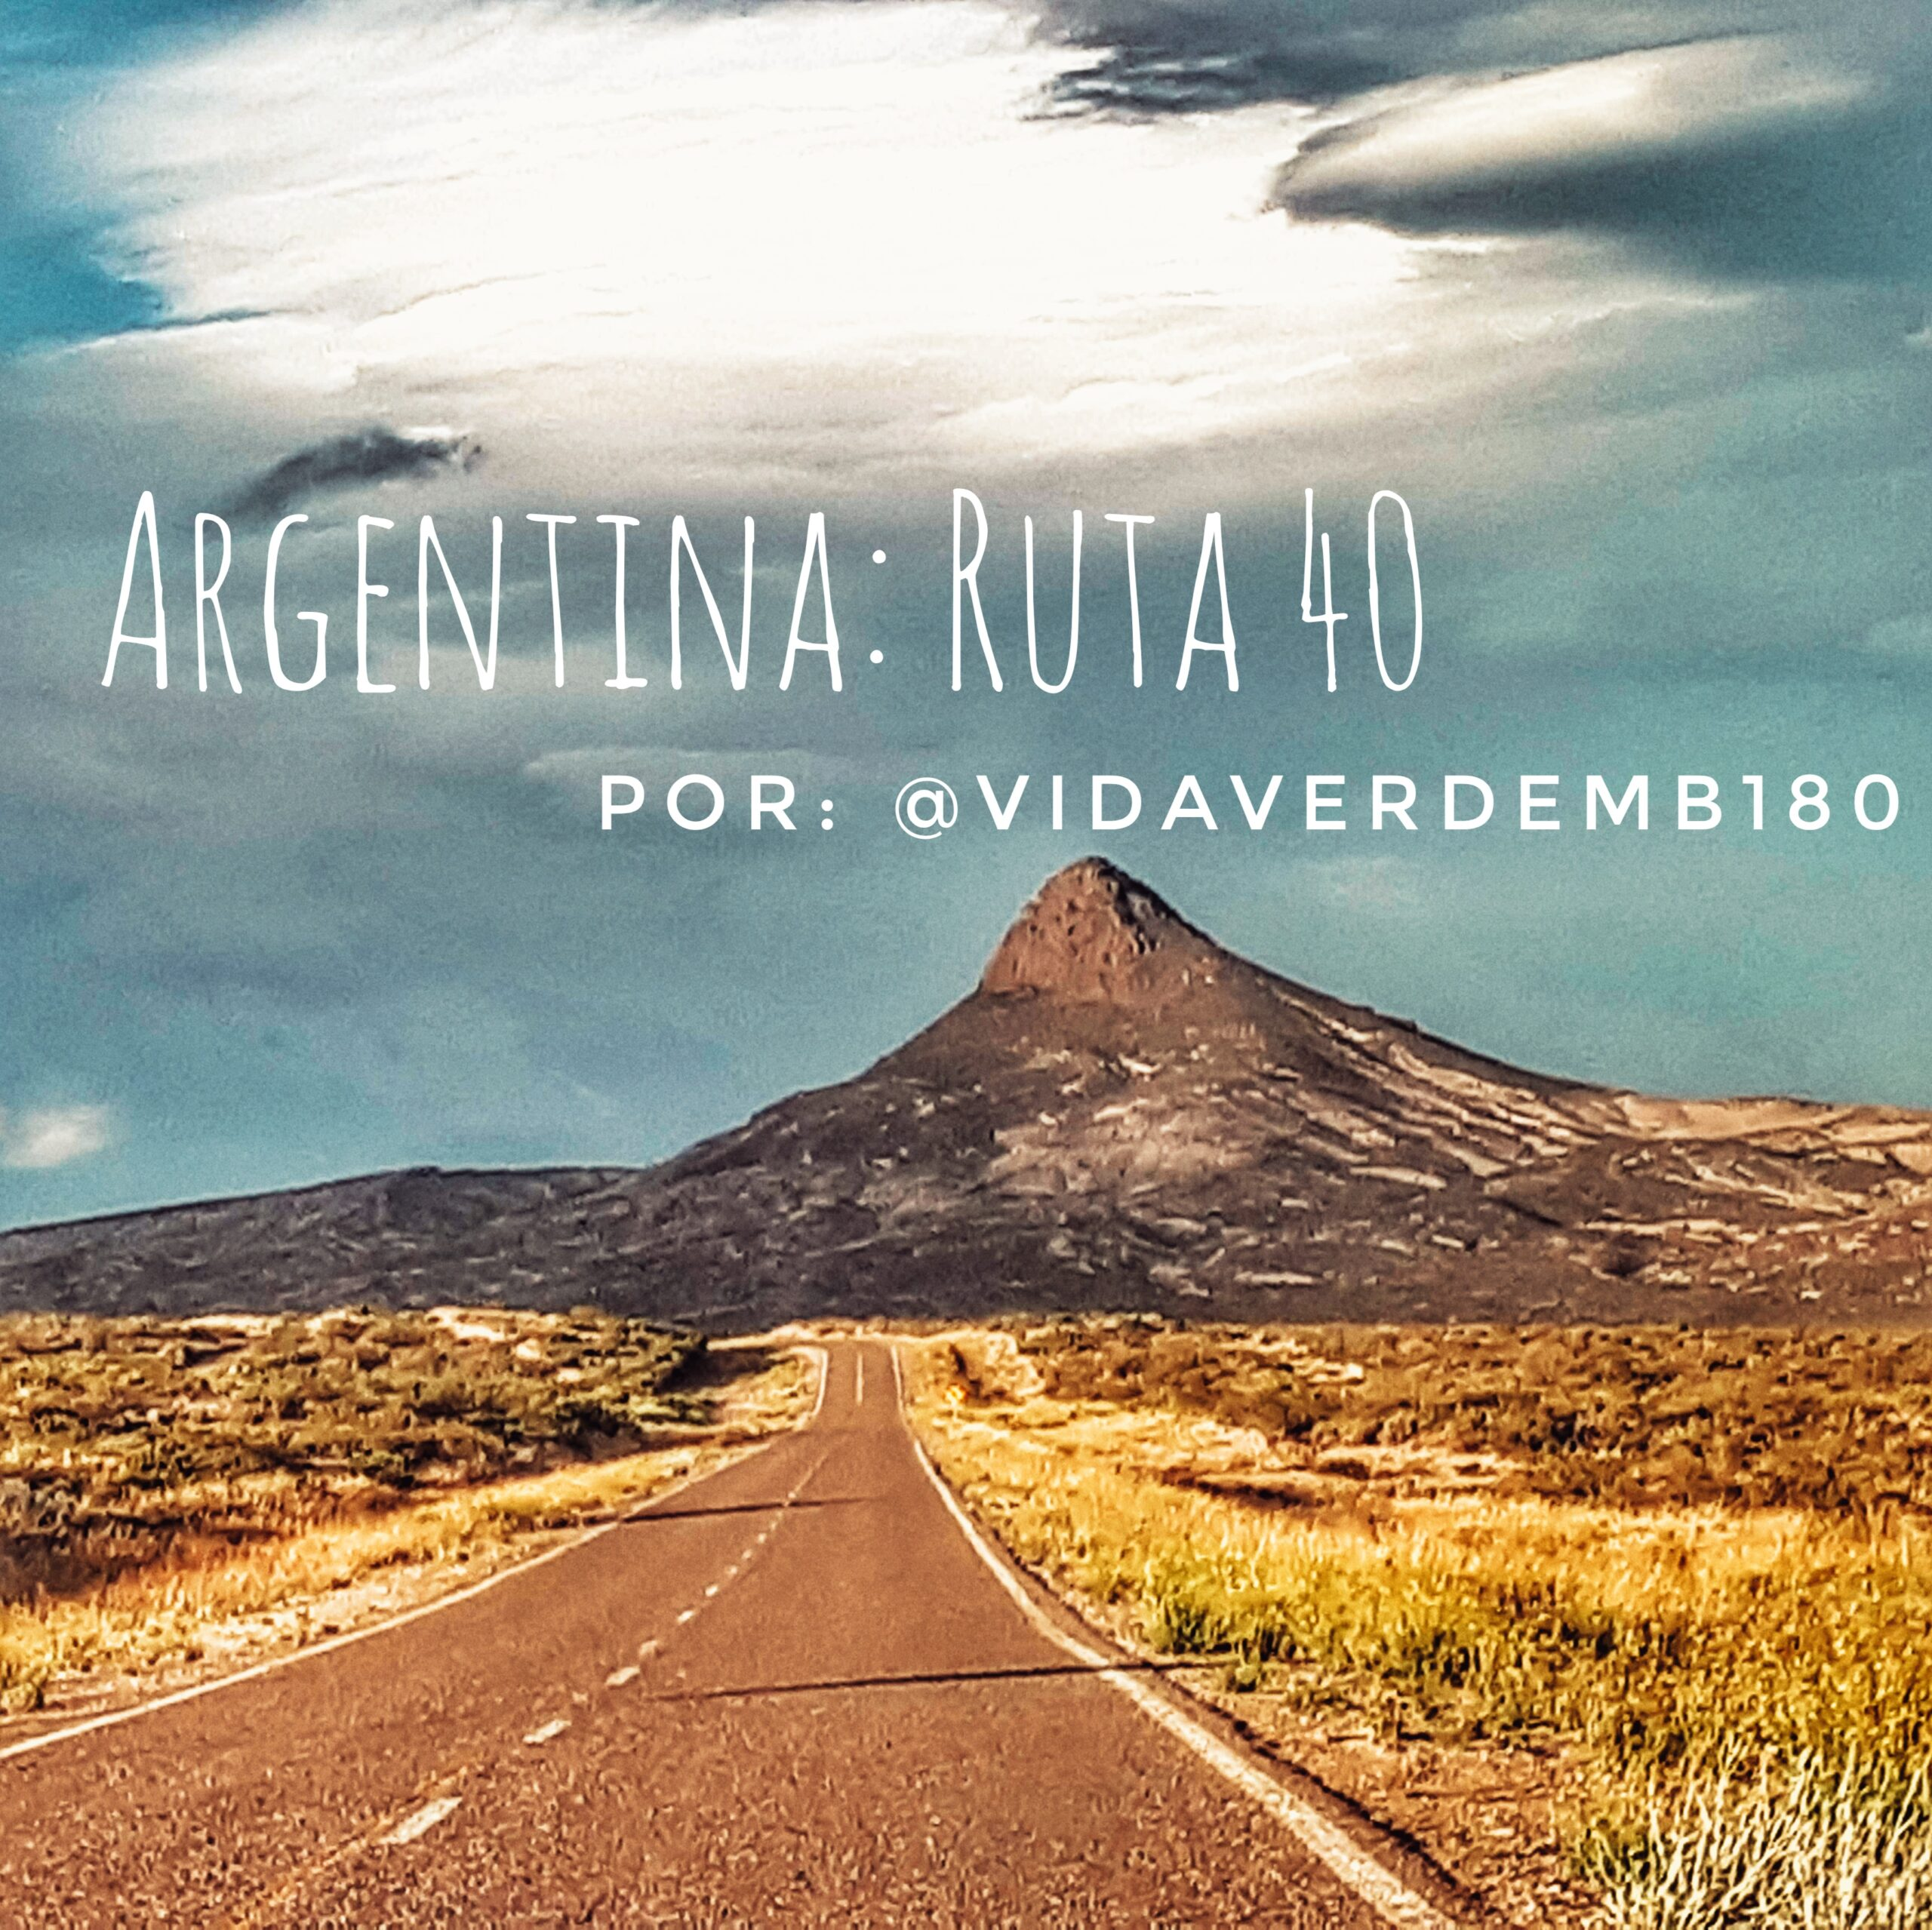 L'Argentine de bas en haut: route 40 par @ vidaverdemb180